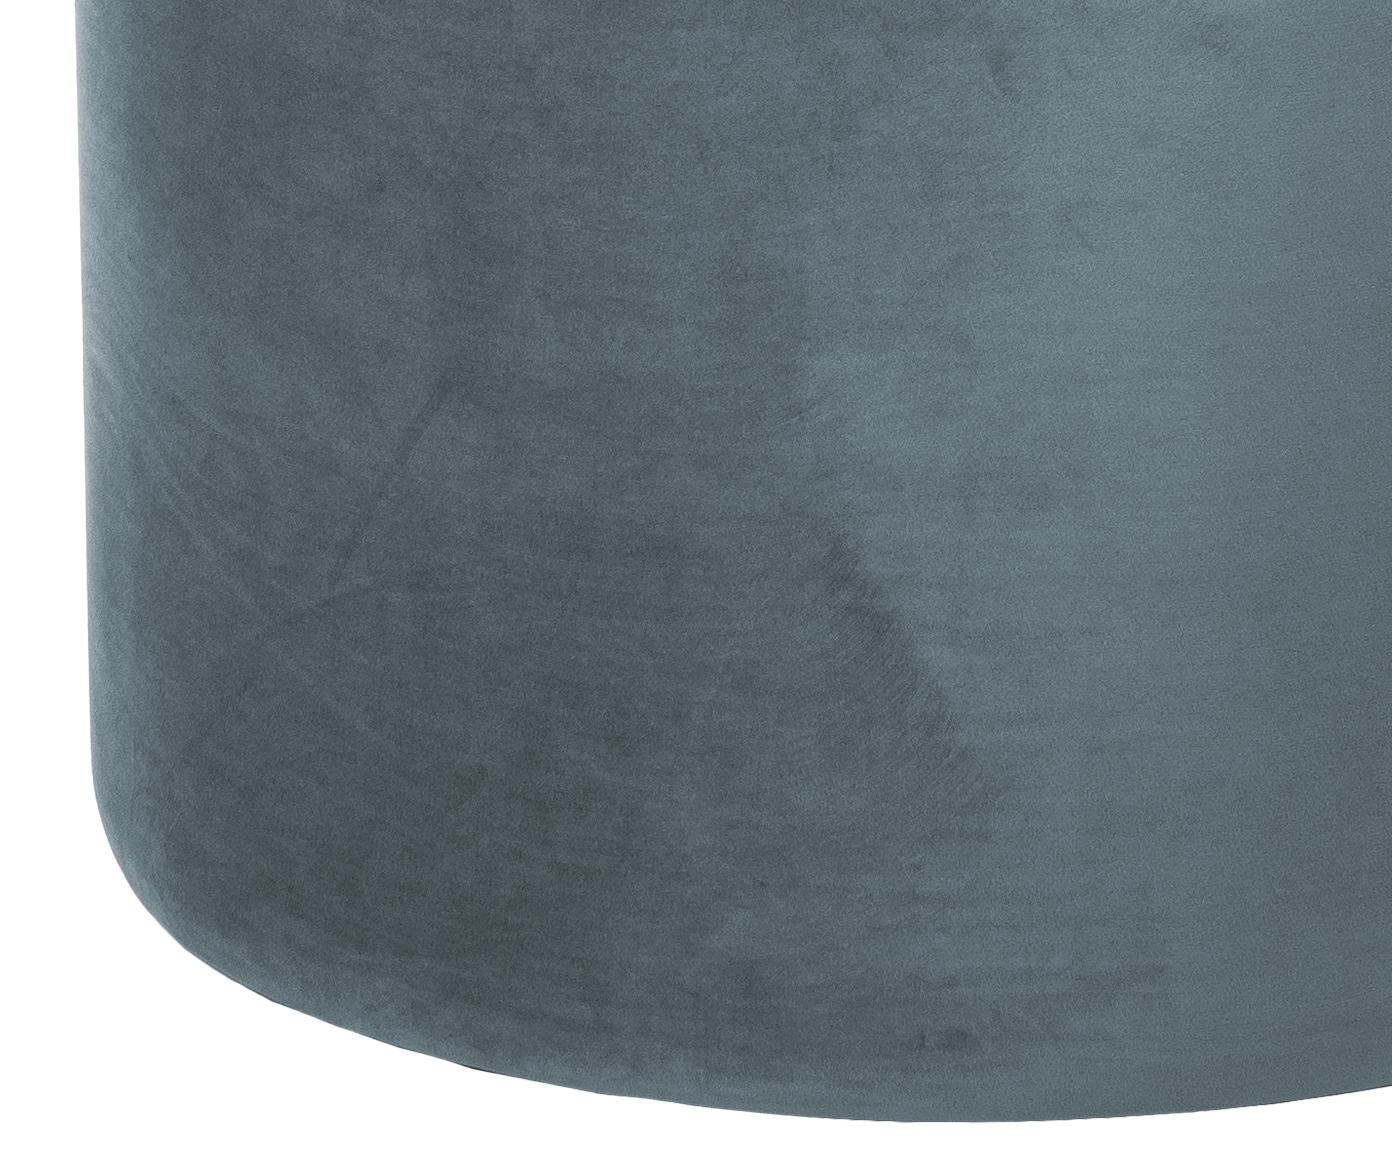 Puf z aksamitu Daisy, Tapicerka: aksamit (poliester) Tkani, Szaroniebieski, Ø 62 x W 41 cm